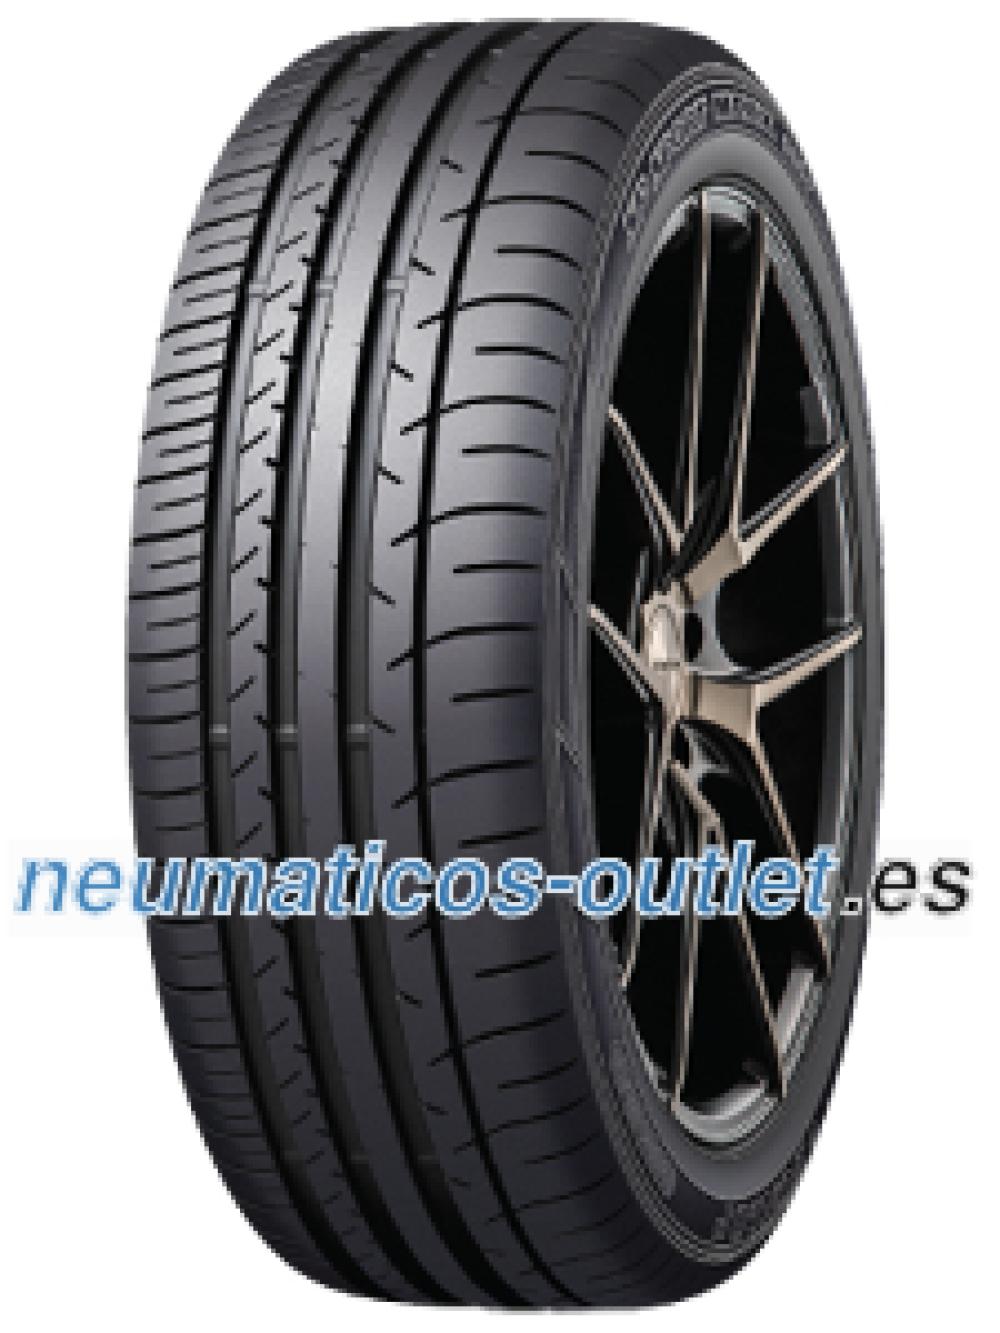 Dunlop SP Sport Maxx 050 ( 235/65 R18 106V a la derecha )